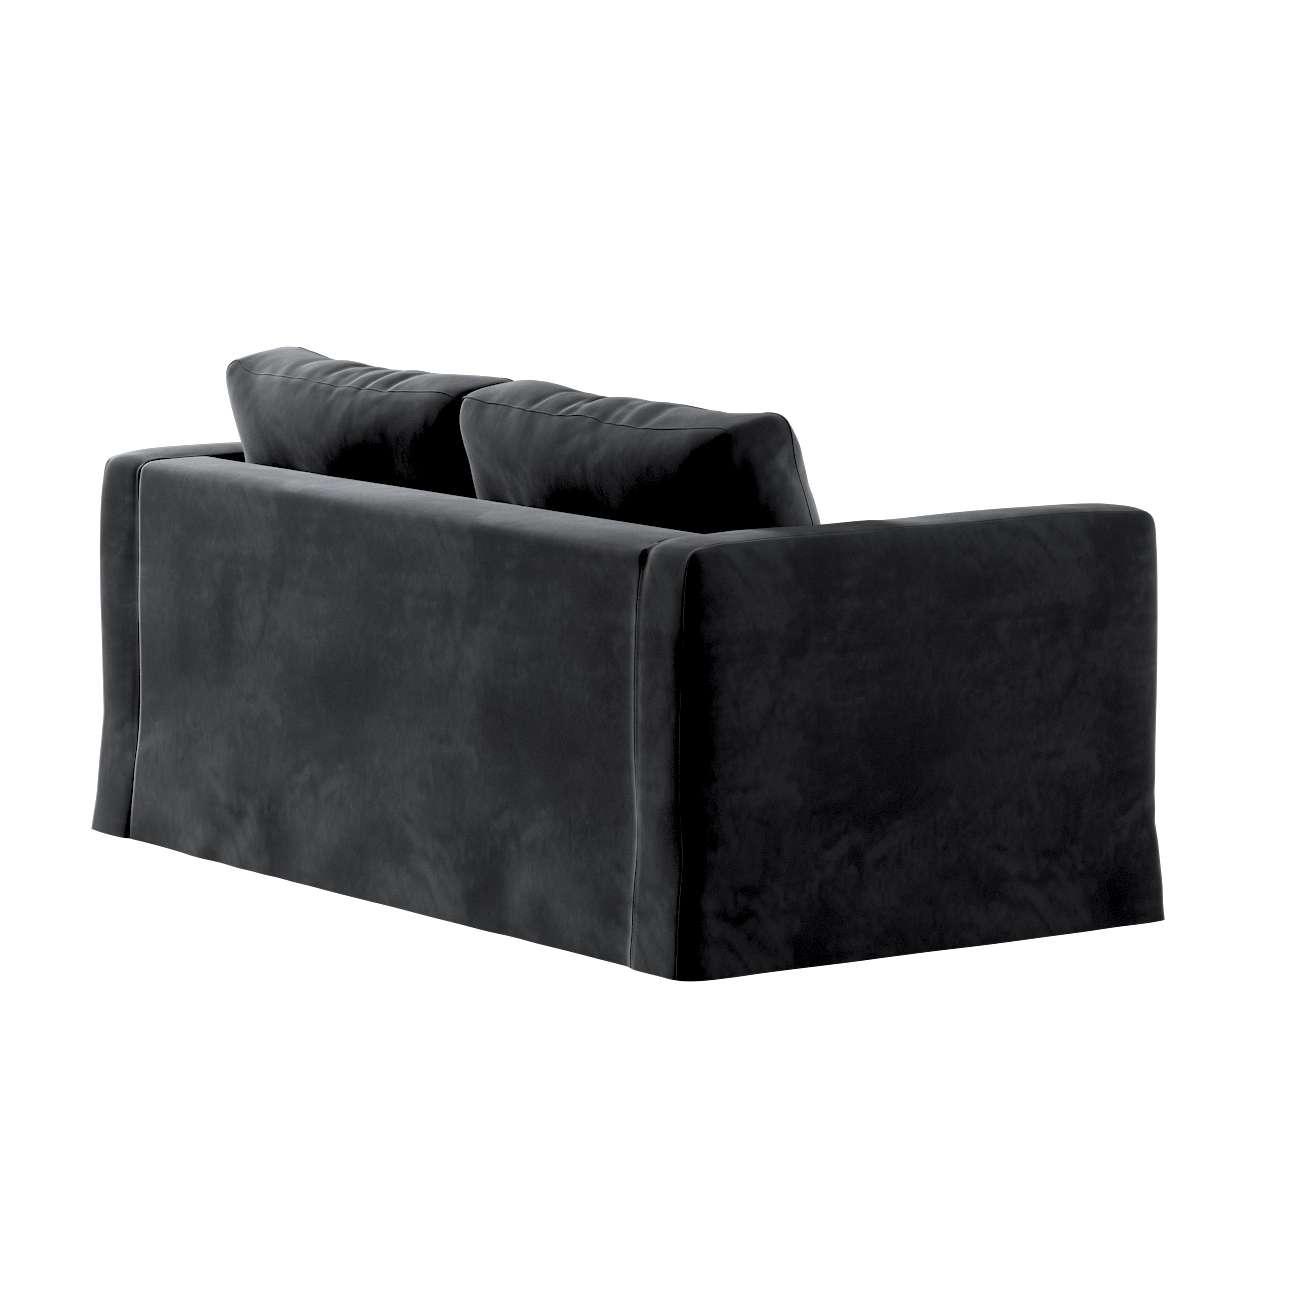 Pokrowiec na sofę Karlstad 2-osobową nierozkładaną długi w kolekcji Velvet, tkanina: 704-17